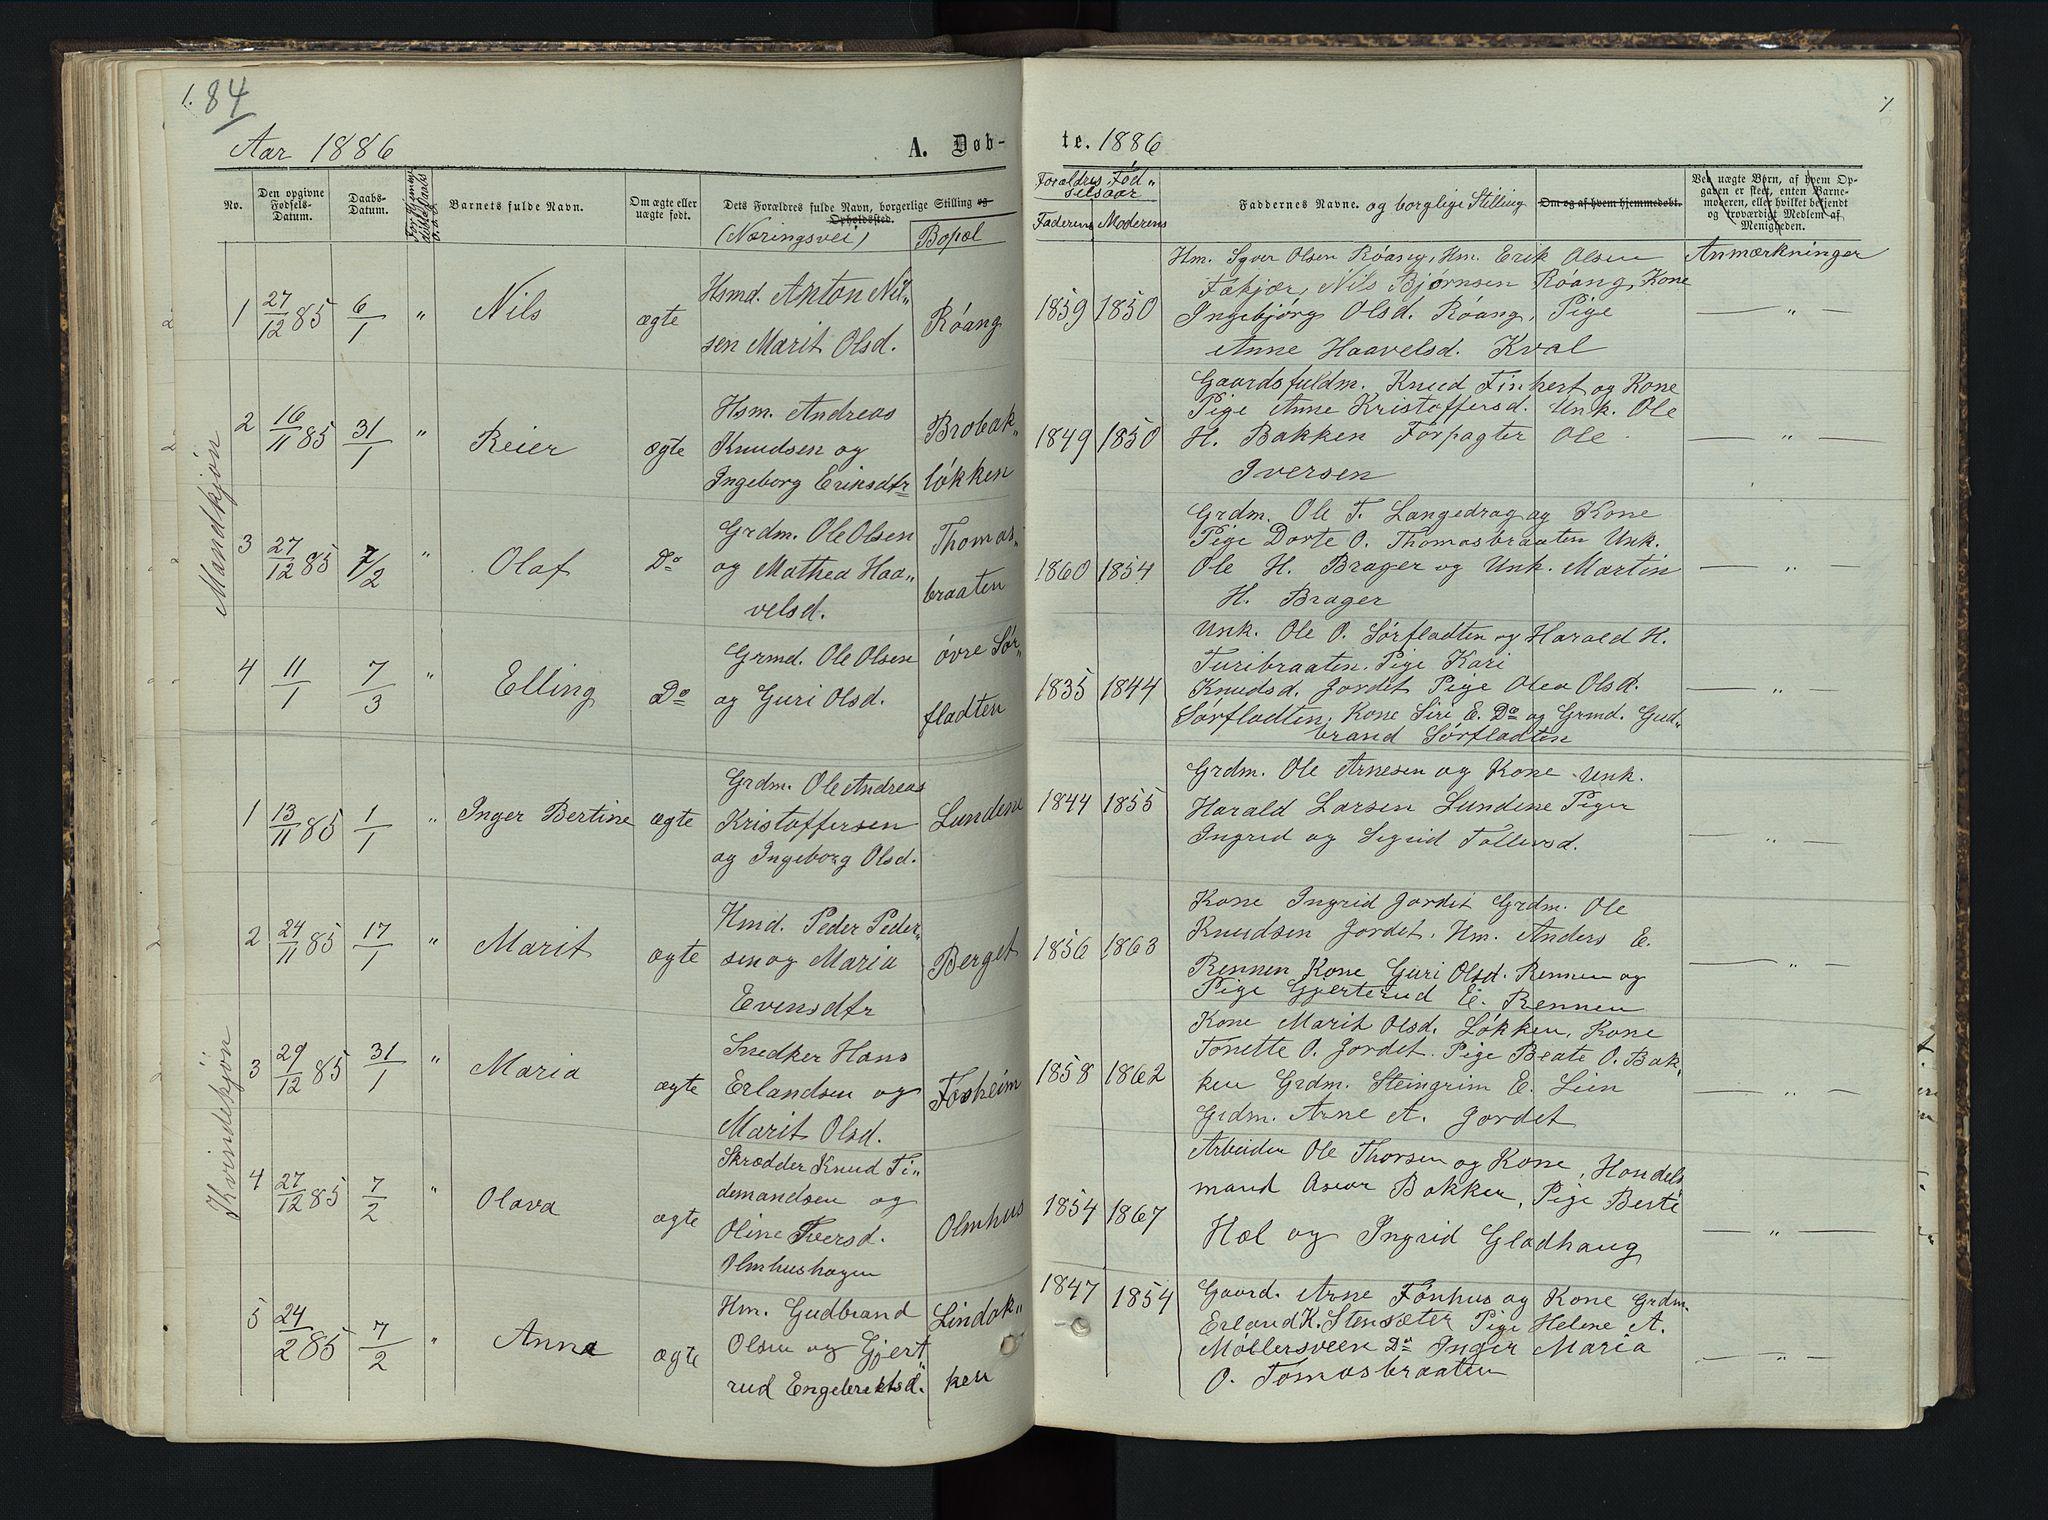 SAH, Sør-Aurdal prestekontor, Klokkerbok nr. 5, 1866-1893, s. 84